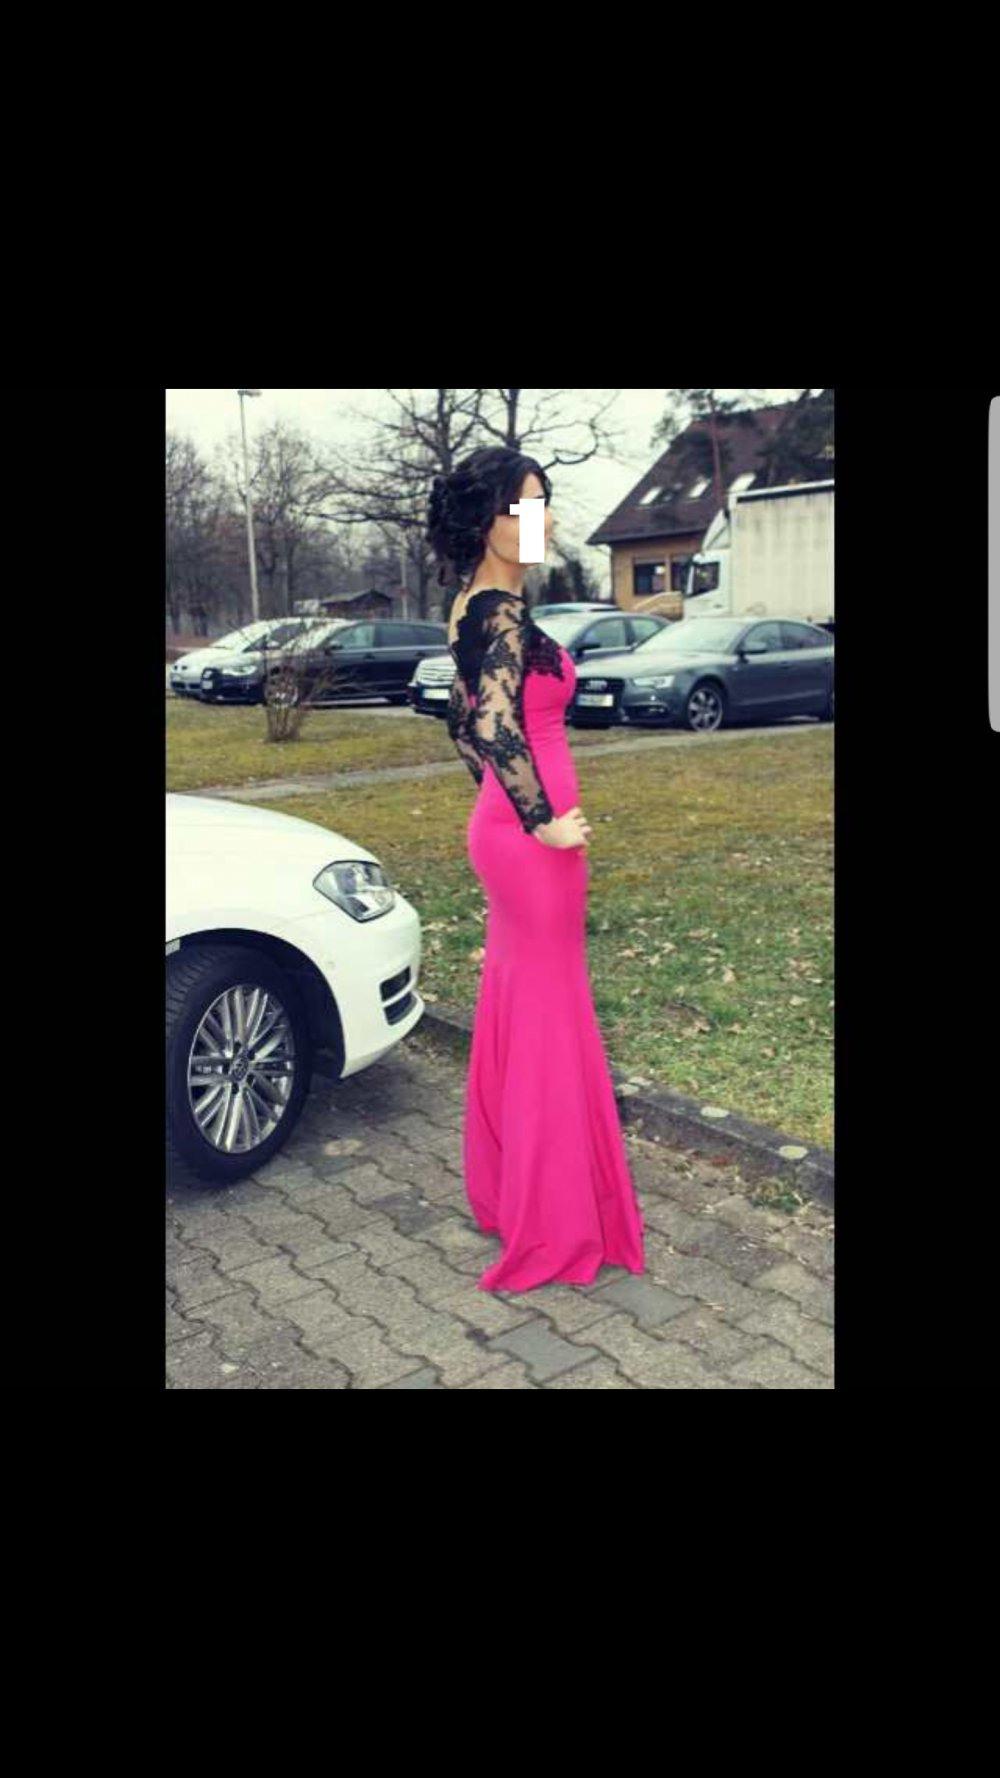 10 Spektakulär Pinkes Abendkleid VertriebFormal Schön Pinkes Abendkleid für 2019